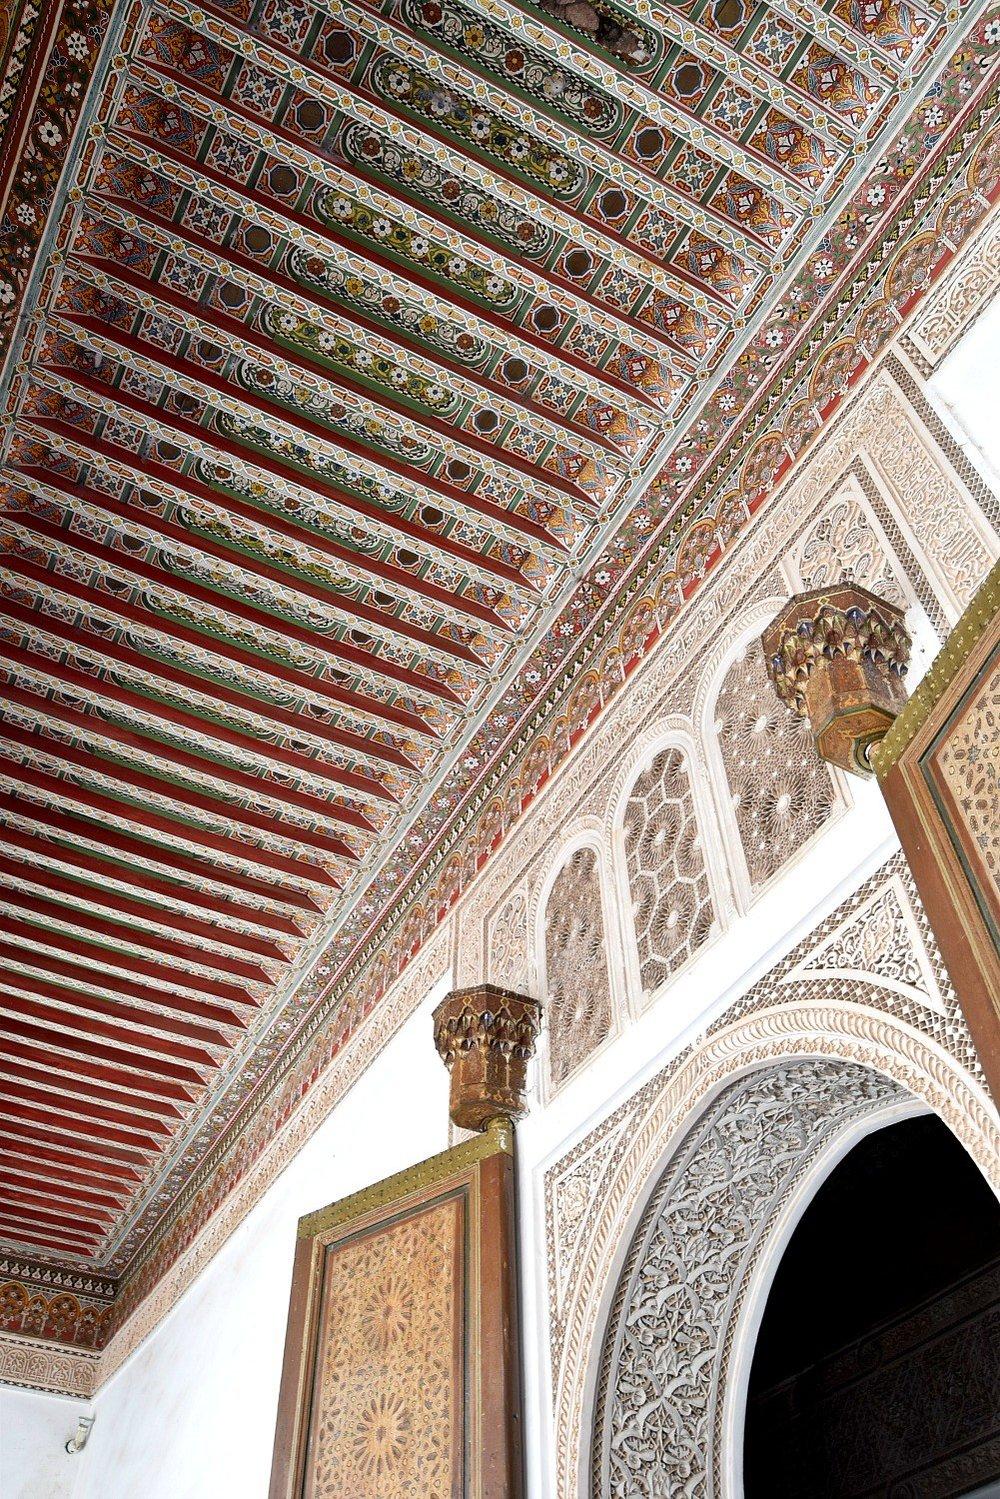 bahia palace und besuch im hammam - Diese etwas versteckte Palastanlage liegt im Zentrum von Marrakesch und zählt definitiv zu den schönsten Plätzen dort. Am meisten beeindruckt haben mich die Gärten und die Mosaikdecken. Verbracht haben wir dort eine gute Stunde – verbinden lässt sich der Besuch des Palastes hervorragend mit einem Hammam-Besuch im Les Bains de Marrakech, welches sich nur 5 Gehminuten davon entfernt befindet.Einen wirklich perfekten Abschluss hatte unsere Reise durch den Besuch eines typisch marrokanischen Bades, dem Hammam. Städtetrips können schnell an der Energie zerren, uns ist es deshalb immer wichtig, dass wir auf Reisen sportliche Aktivitäten (damit sind auch lange Gehzeiten gemeint) und ruhige Entspannungstage abwechseln. Unsere Hammam-Behandlung war perfekt, um uns etwas Zeit für uns selbst nehmen zu können. Für uns war es eine entspannende Erfahrung, die wir zuvor noch nicht erlebt haben. Wir entschieden uns für eines der bekanntesten Bäder, das Les Bains de Marrakech, und The traditional one –45 min Hammam & der traditionelle Body Scrub + 1h Massage. Pro Person kostete die Behandlung 60€.Berührungsängste solltet ihr nicht haben: Wir verbrachten eine halbe Stunde in einem Raum, der einer Sauna ähnelte. Wir mussten uns bis auf die Badehose/Bikinihose ausziehen und wurden mit der Savon Noir, also einer schwarzen Seife (typisch marrokanisch!), zuerst eingecremt und dann mit einem angenehm körnigen Waschlappen von oben bis unten abgeschrubbt.Danach folgte eine Körpermaske; nach etwa 20 Minuten wuschen wir uns alles wieder herunter. Wir waren weich wie ein Babypopo. Eingerieben und abgewaschen wurden wir von einer netten Dame, die während des gesamten Aufenthalts in diesem Raum für uns zuständig war.Nach dem ersten Teil unserer Behandlung wurden wir in einen Ruheraum gebracht – hier war es vollkommen still und atemberaubend schön. Ein kurzer Sprung in den Indoor-Pool, ein erfrischender Tee mit Keksen und Liegen so weich wie Betten. Nach der kur